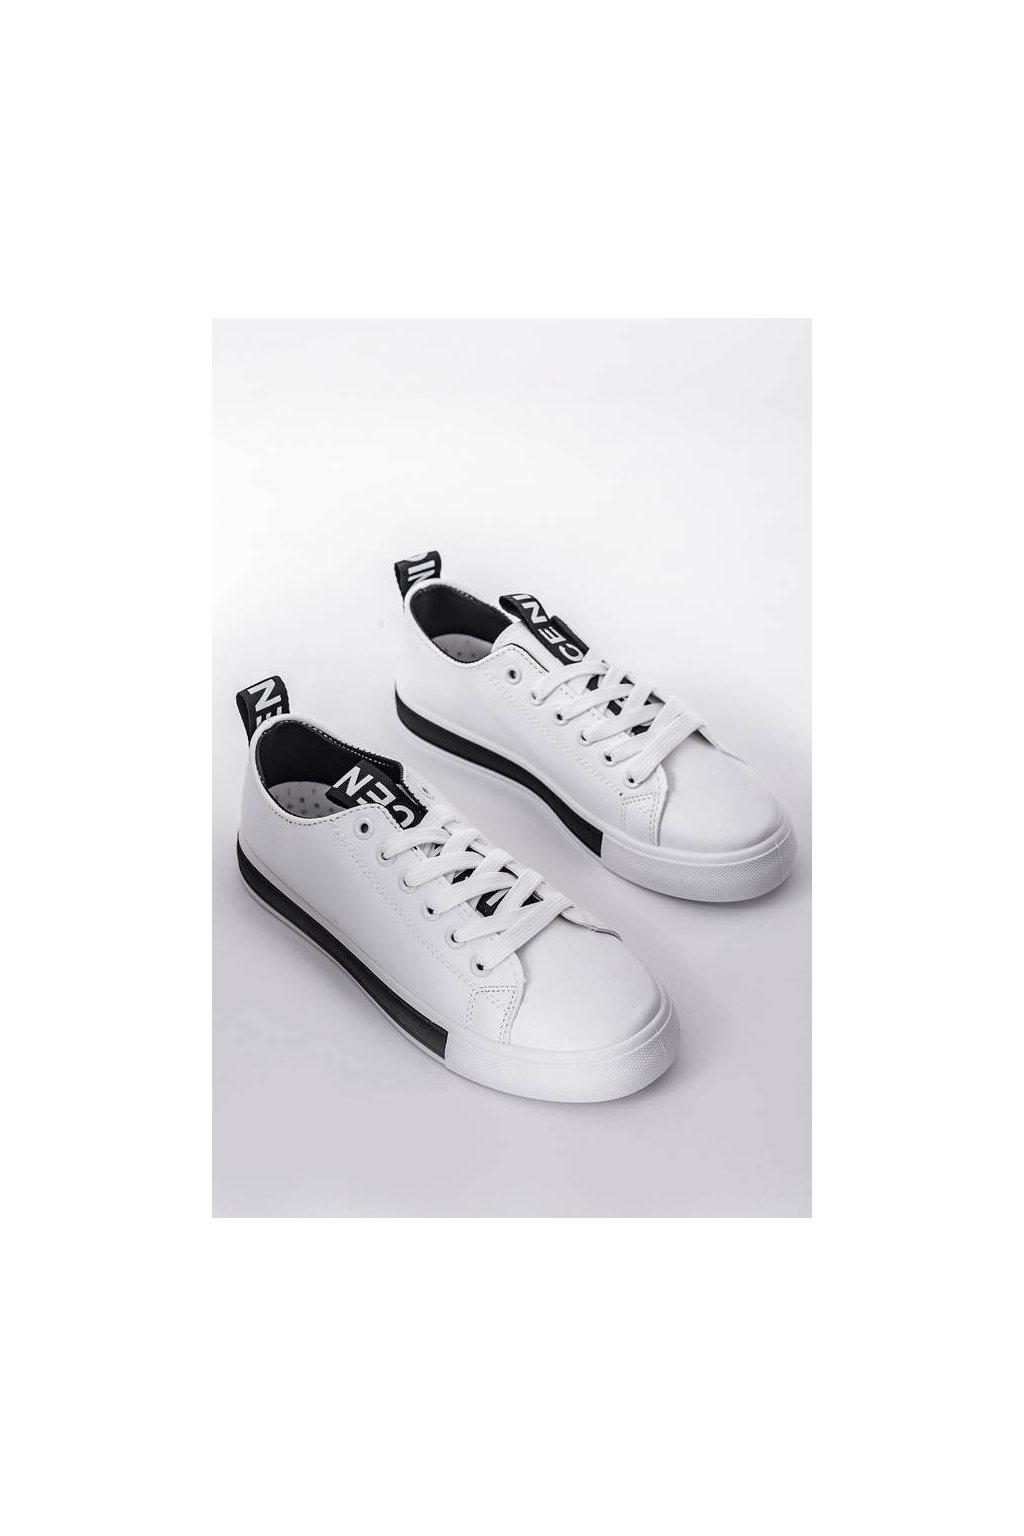 Dámske topánky tenisky čierne kód - GM